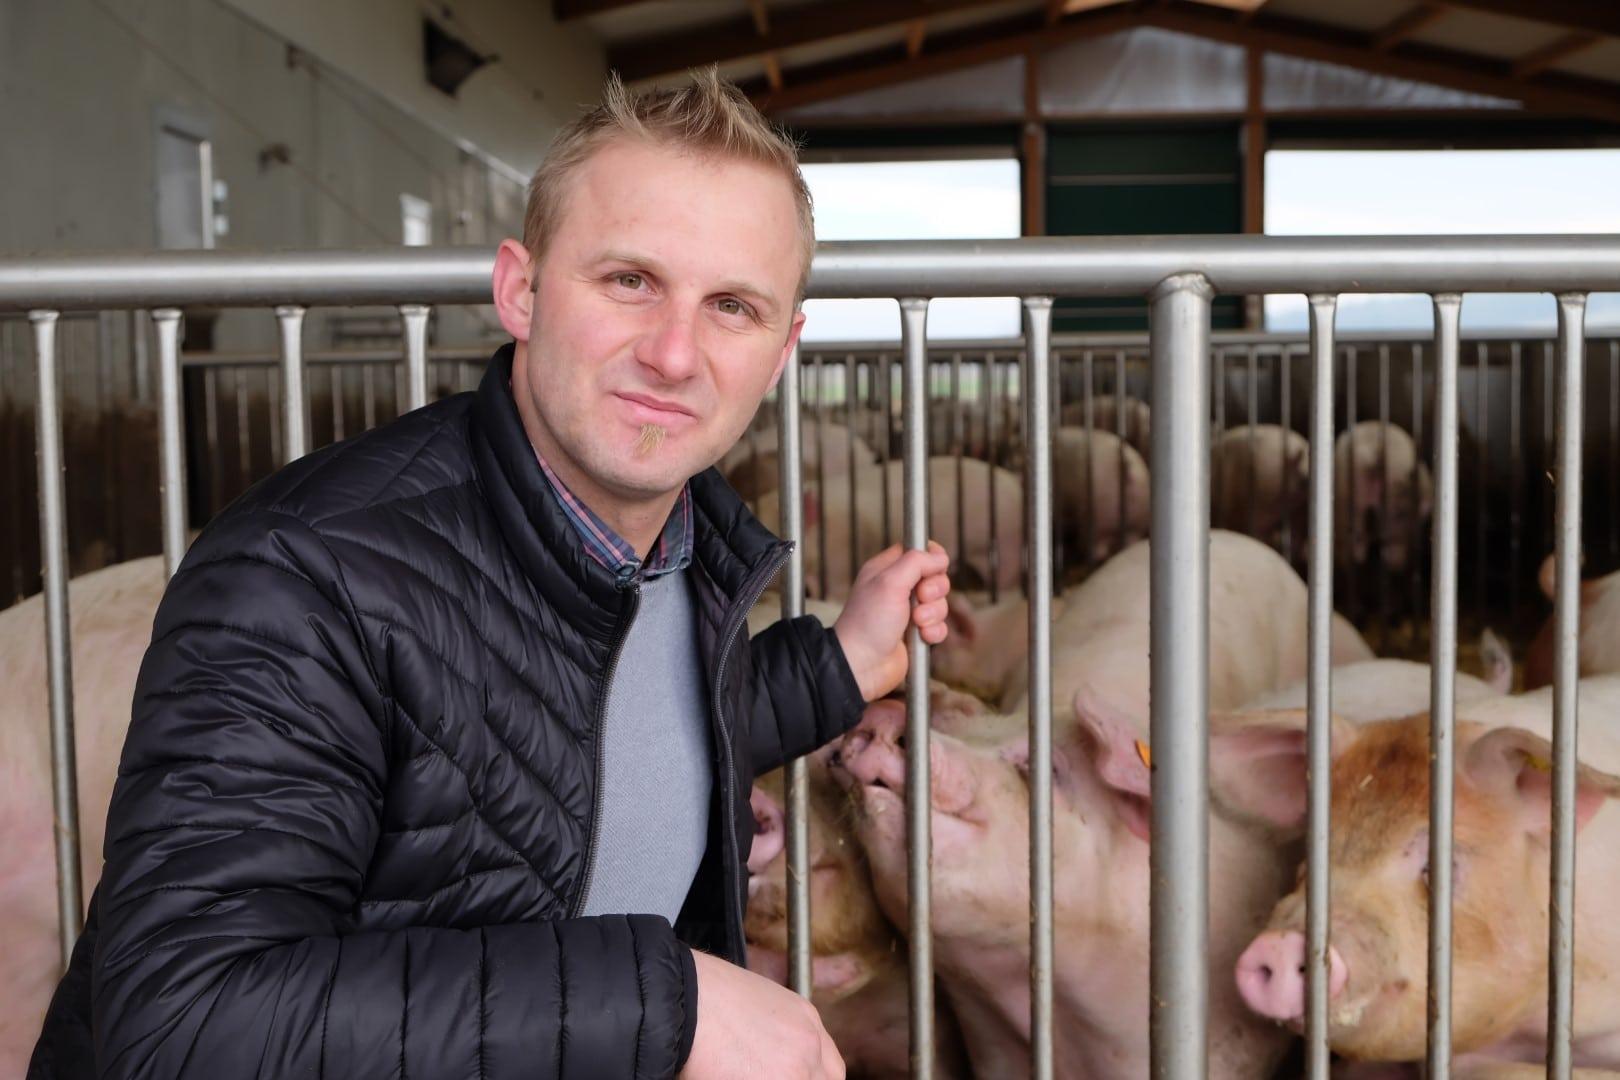 Markus Brankl mit optimal gefütterten und zufriedenen Schweinen im Stall.